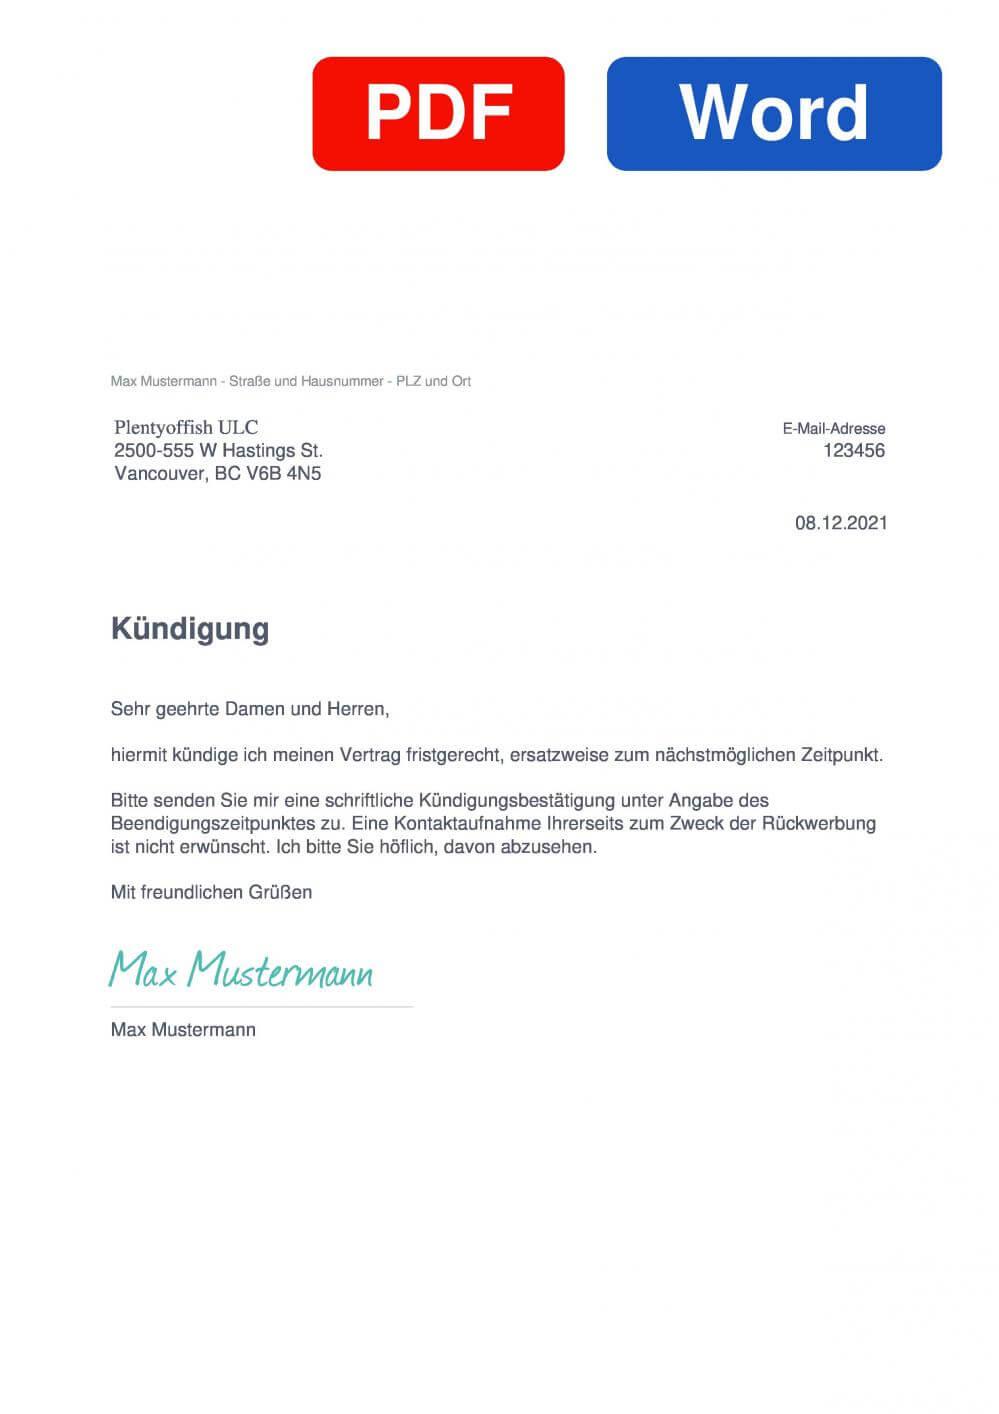 POF.com Muster Vorlage für Kündigungsschreiben